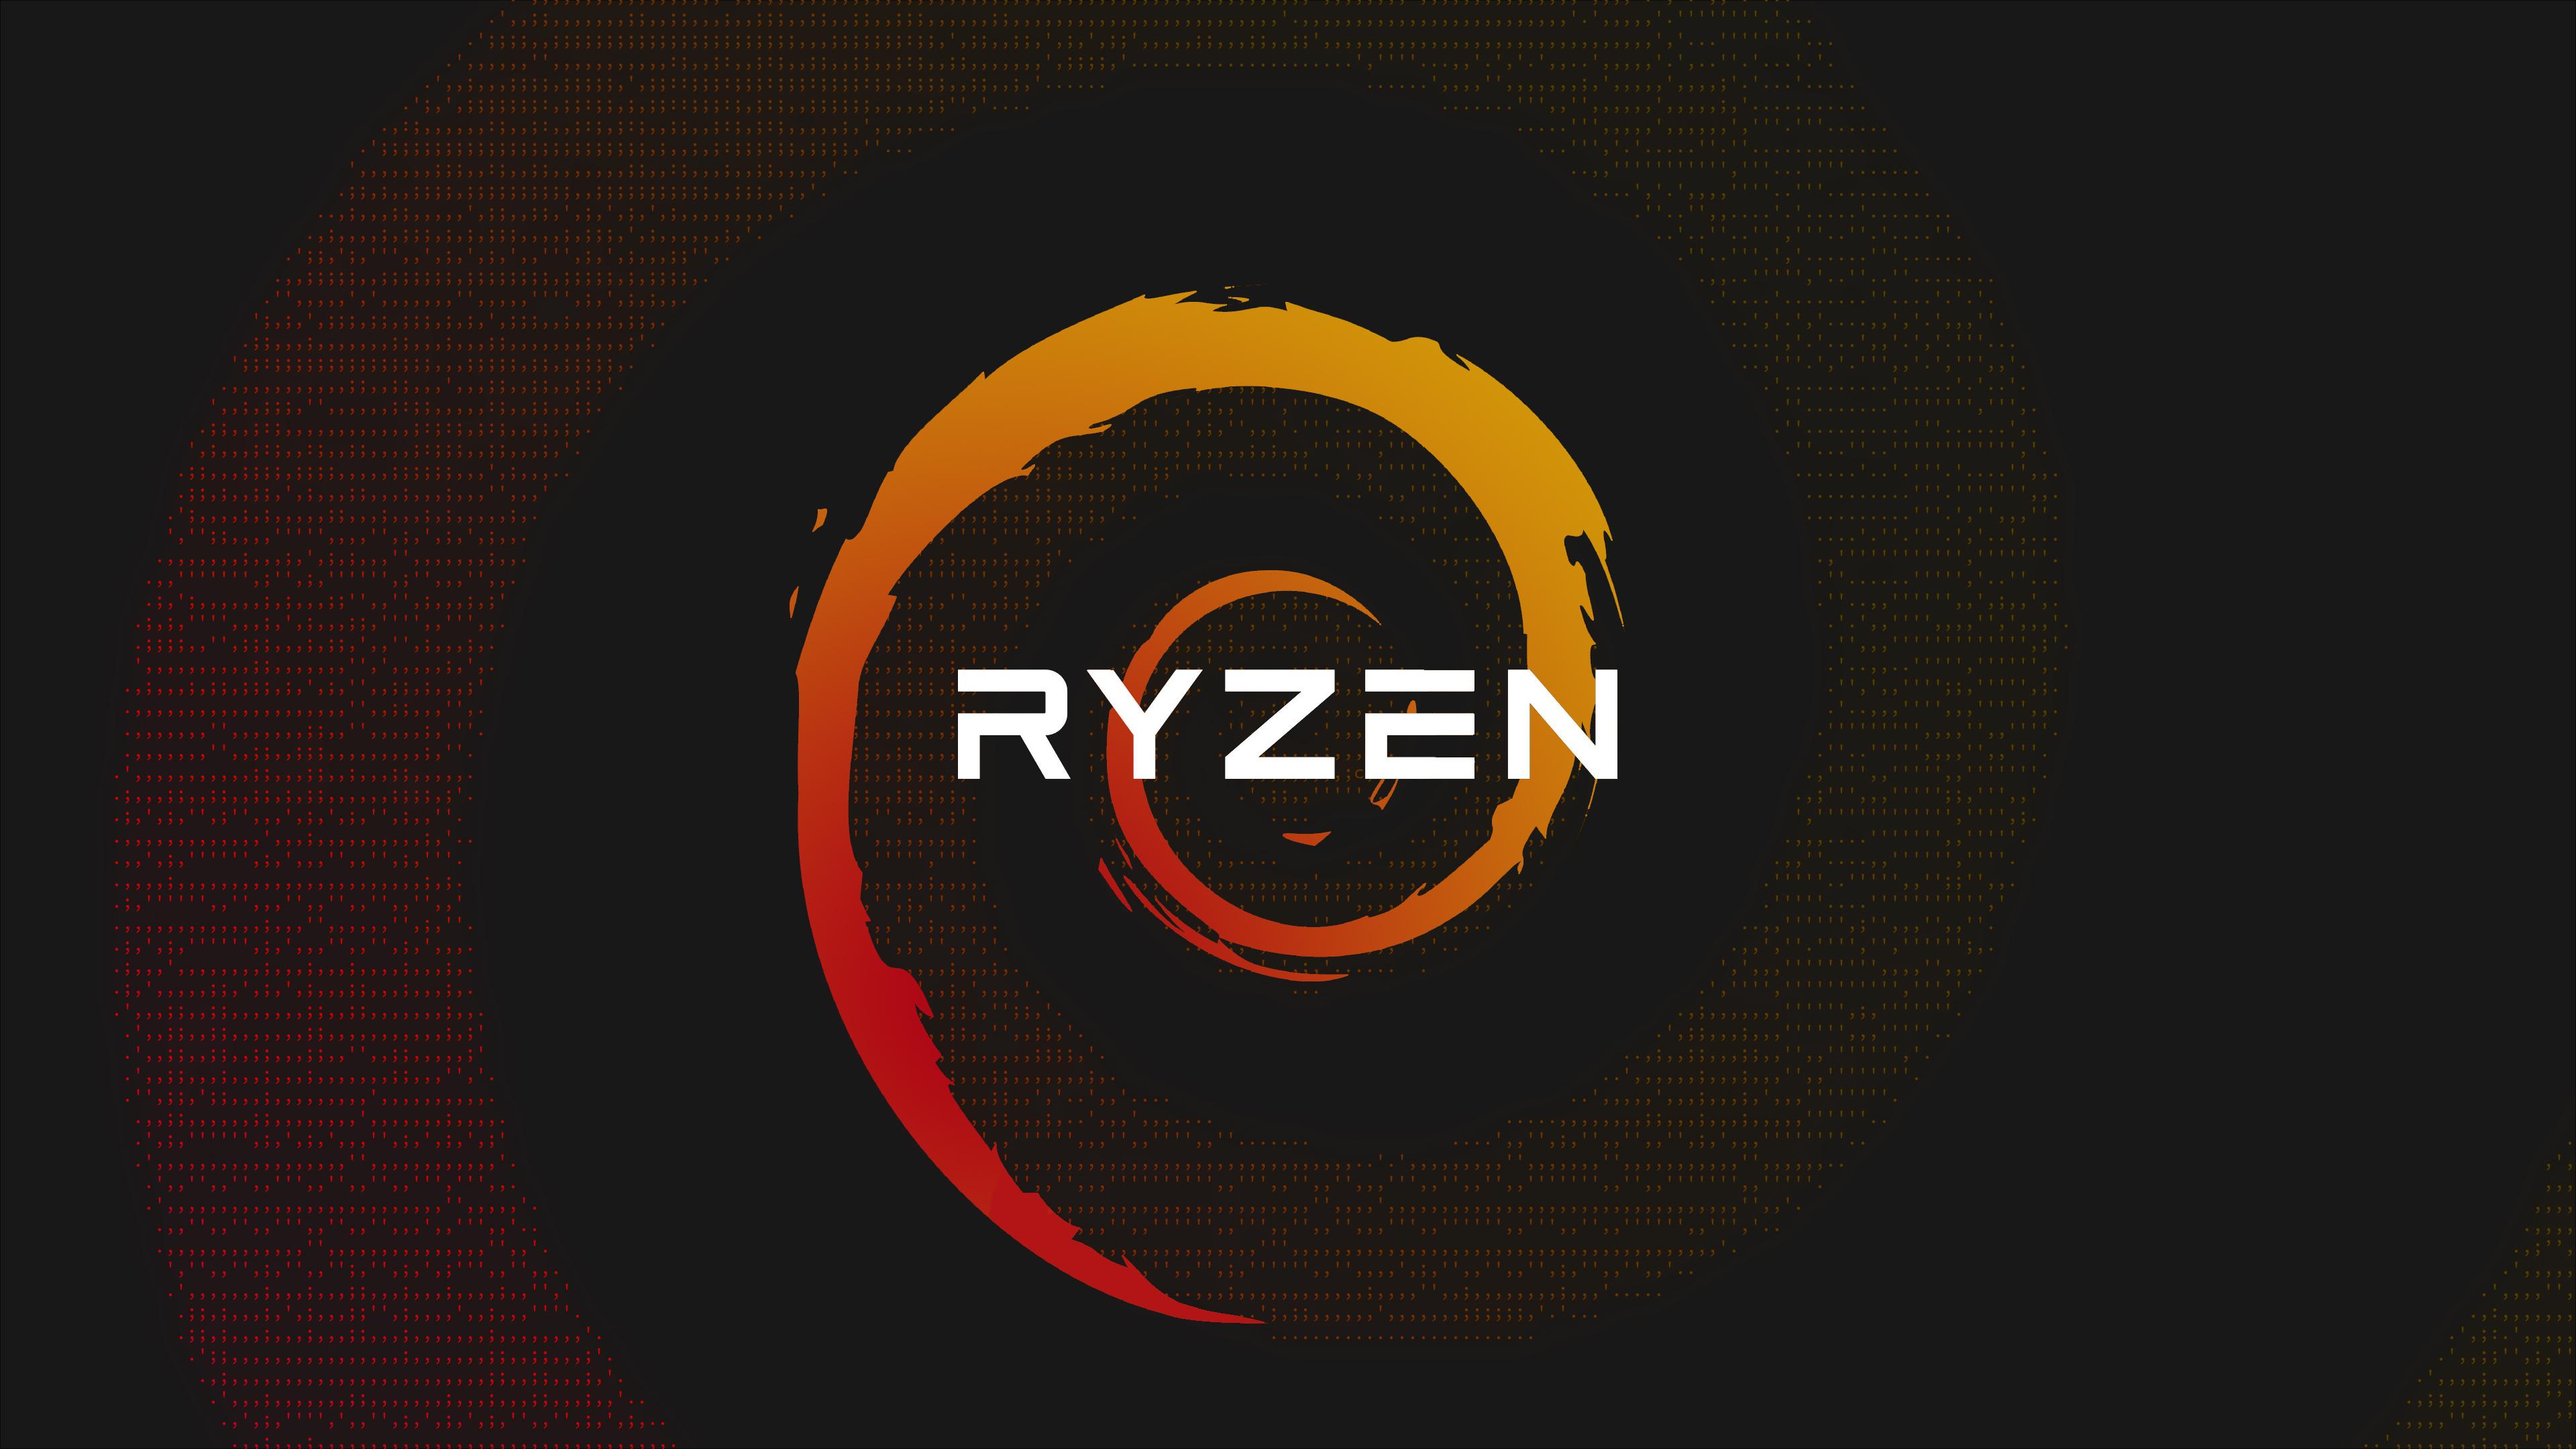 Ryzen Red Yellow Tech Technology Amd Wallpaper Resolution 3840x2160 Id 400281 Wallha Com